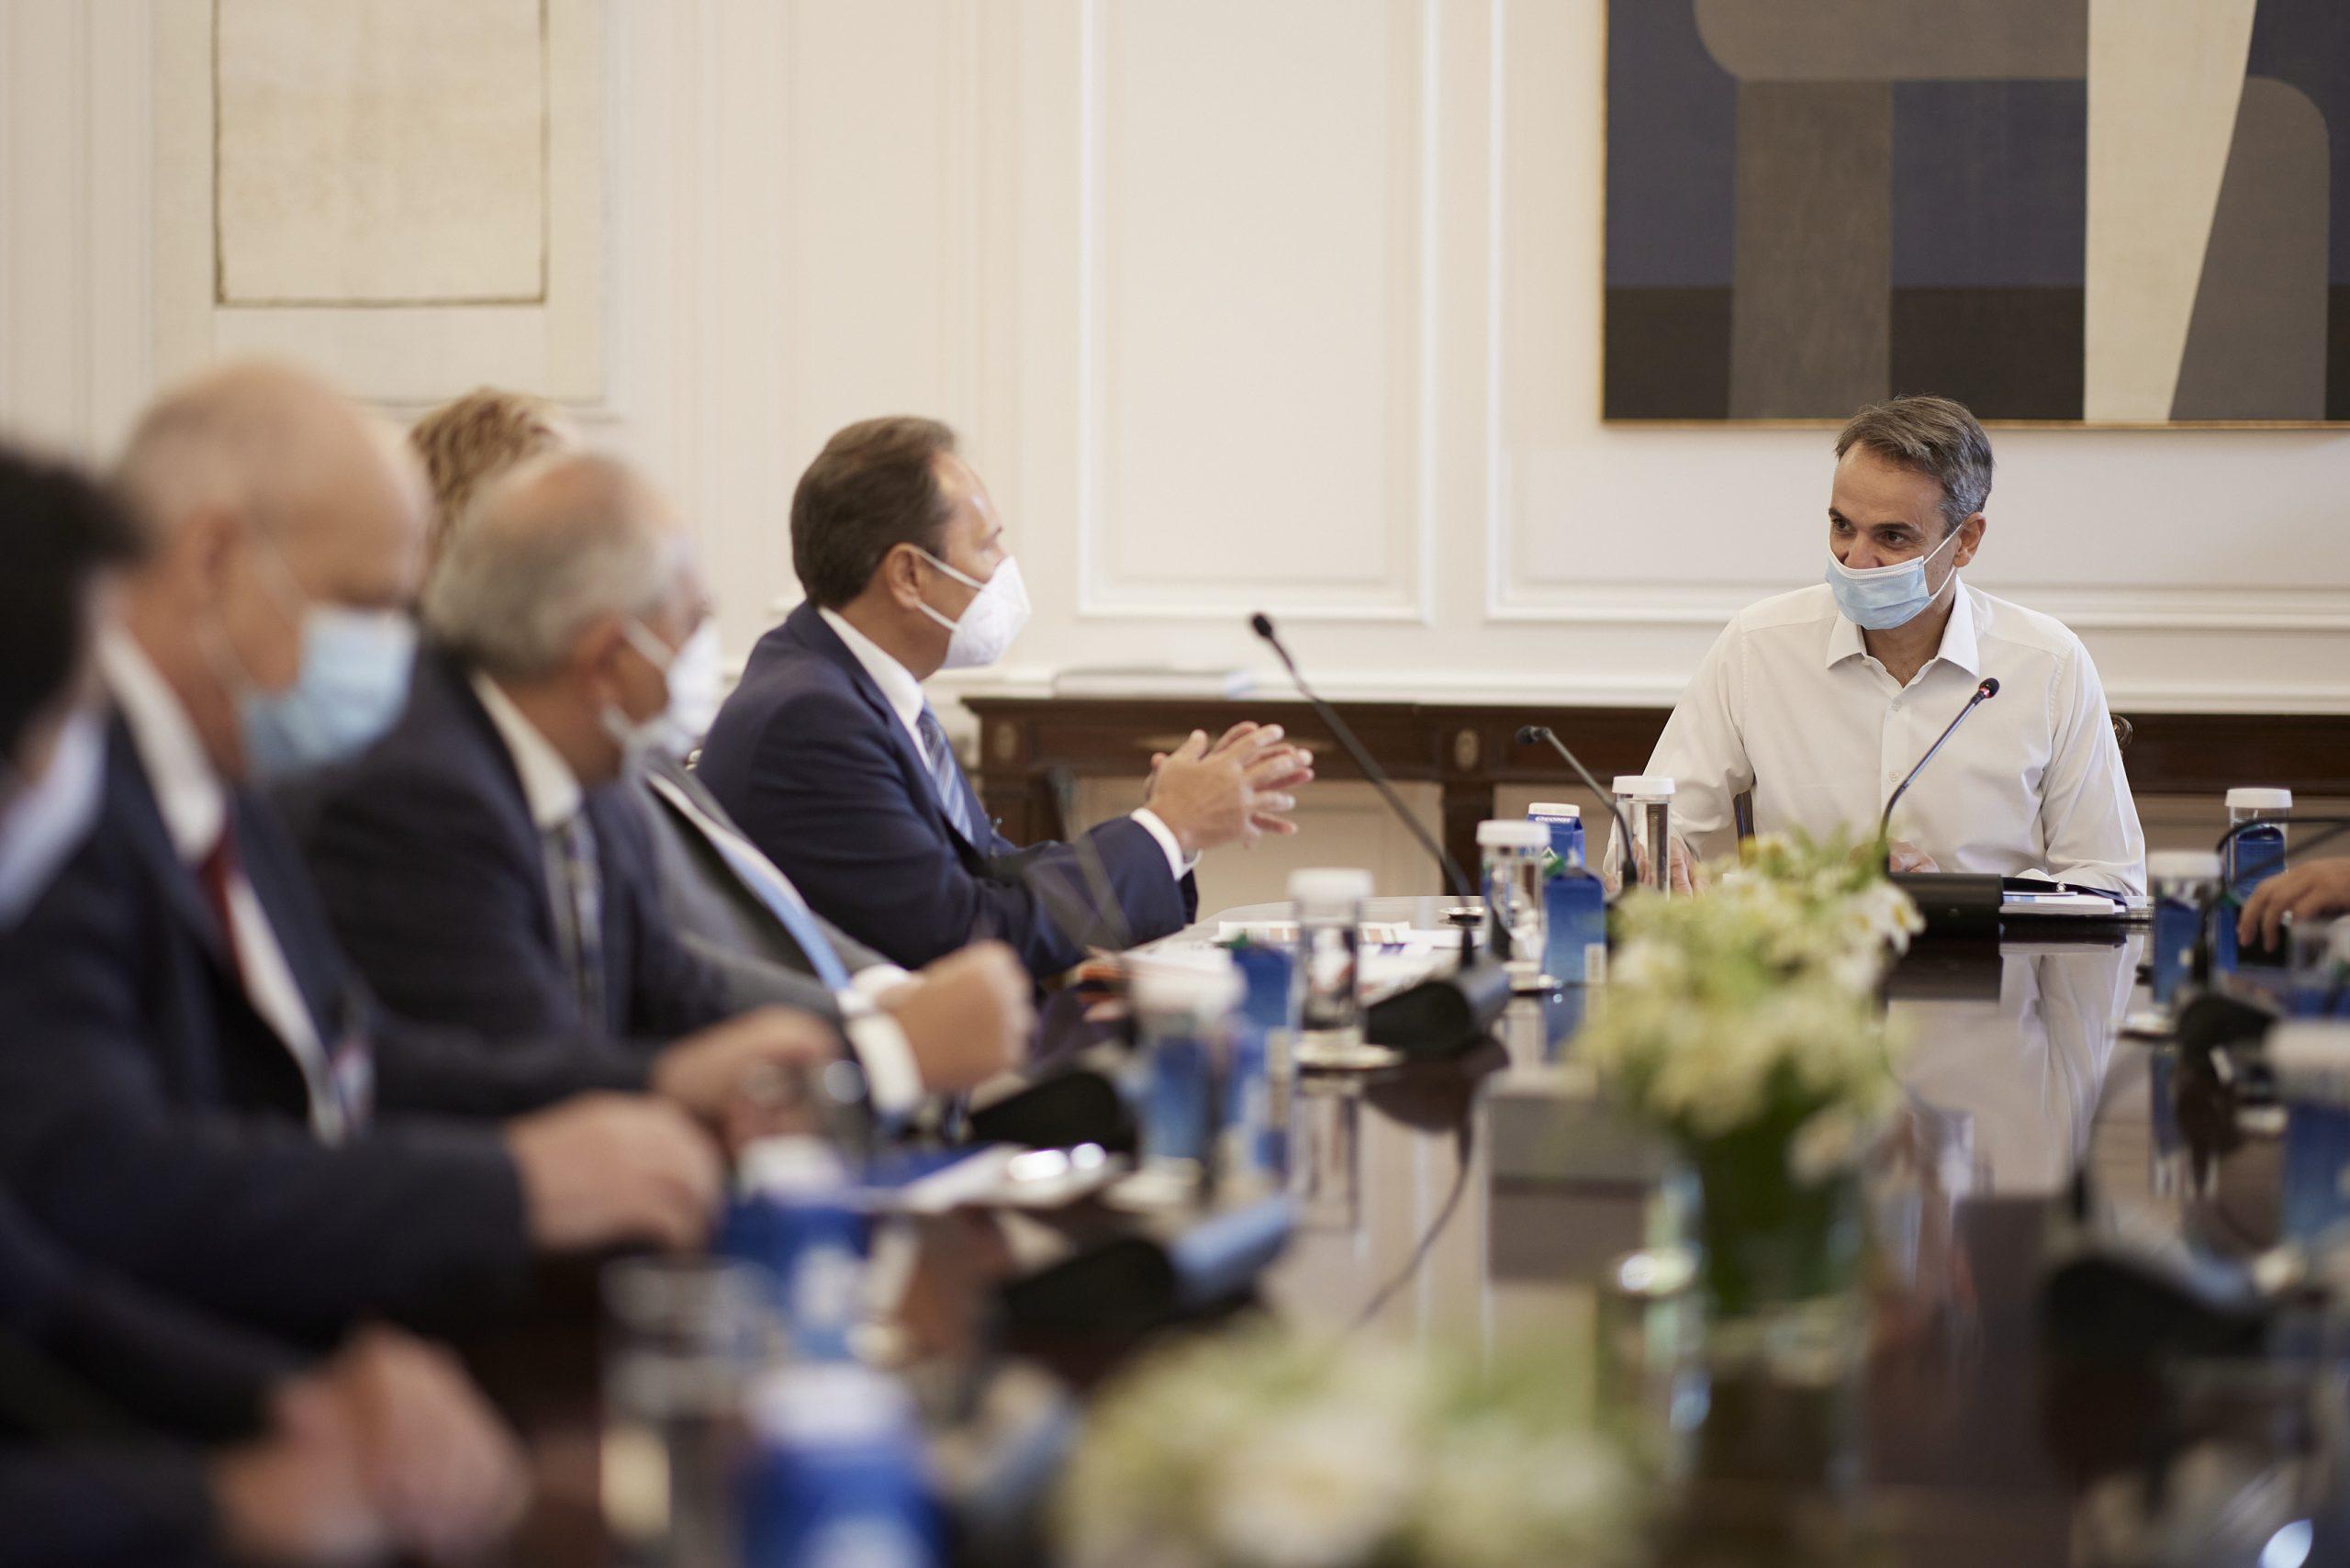 Επενδυτικά σχέδια ύψους 1,2 δισ. ευρώ παρουσίασε η ελληνική φαρμακοβιομηχανία στον Πρωθυπουργό!